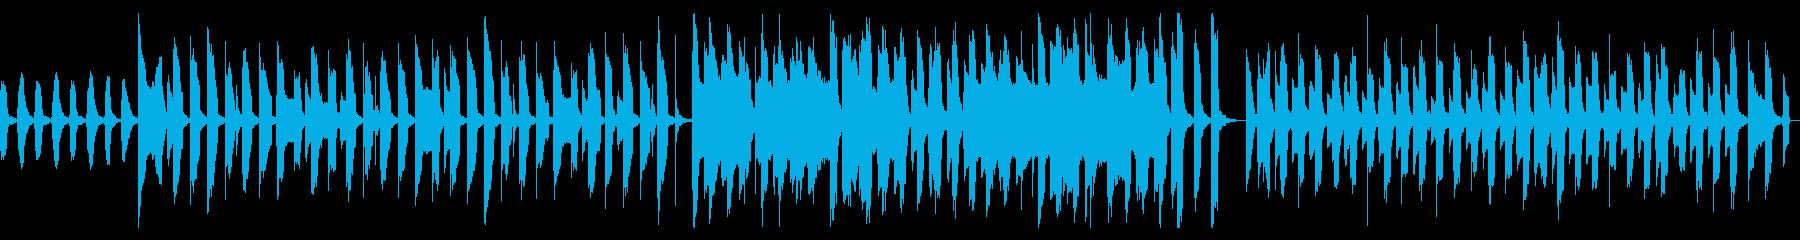 ピタゴラスイッチ風かわいいリコーダー曲の再生済みの波形